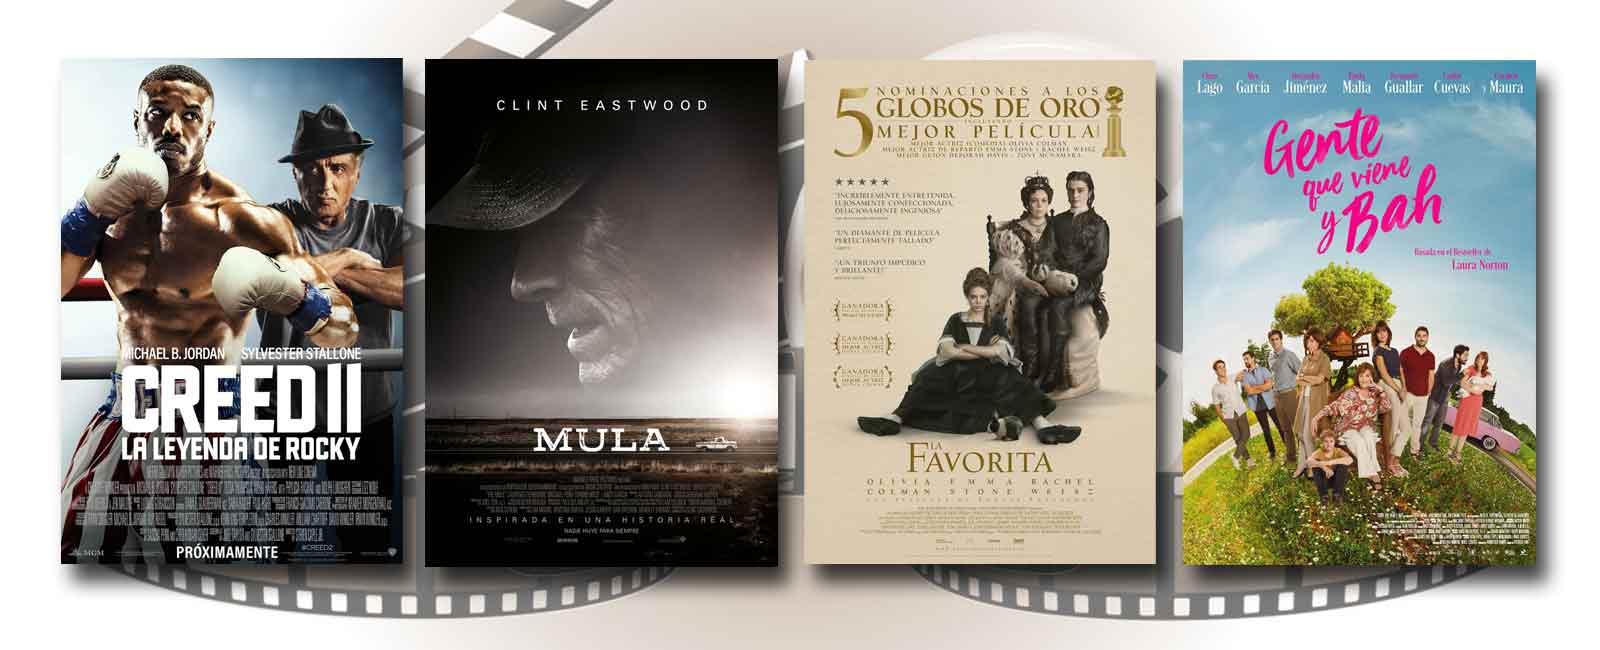 Estrenos de Cine de la Semana… 18 de Enero 2019